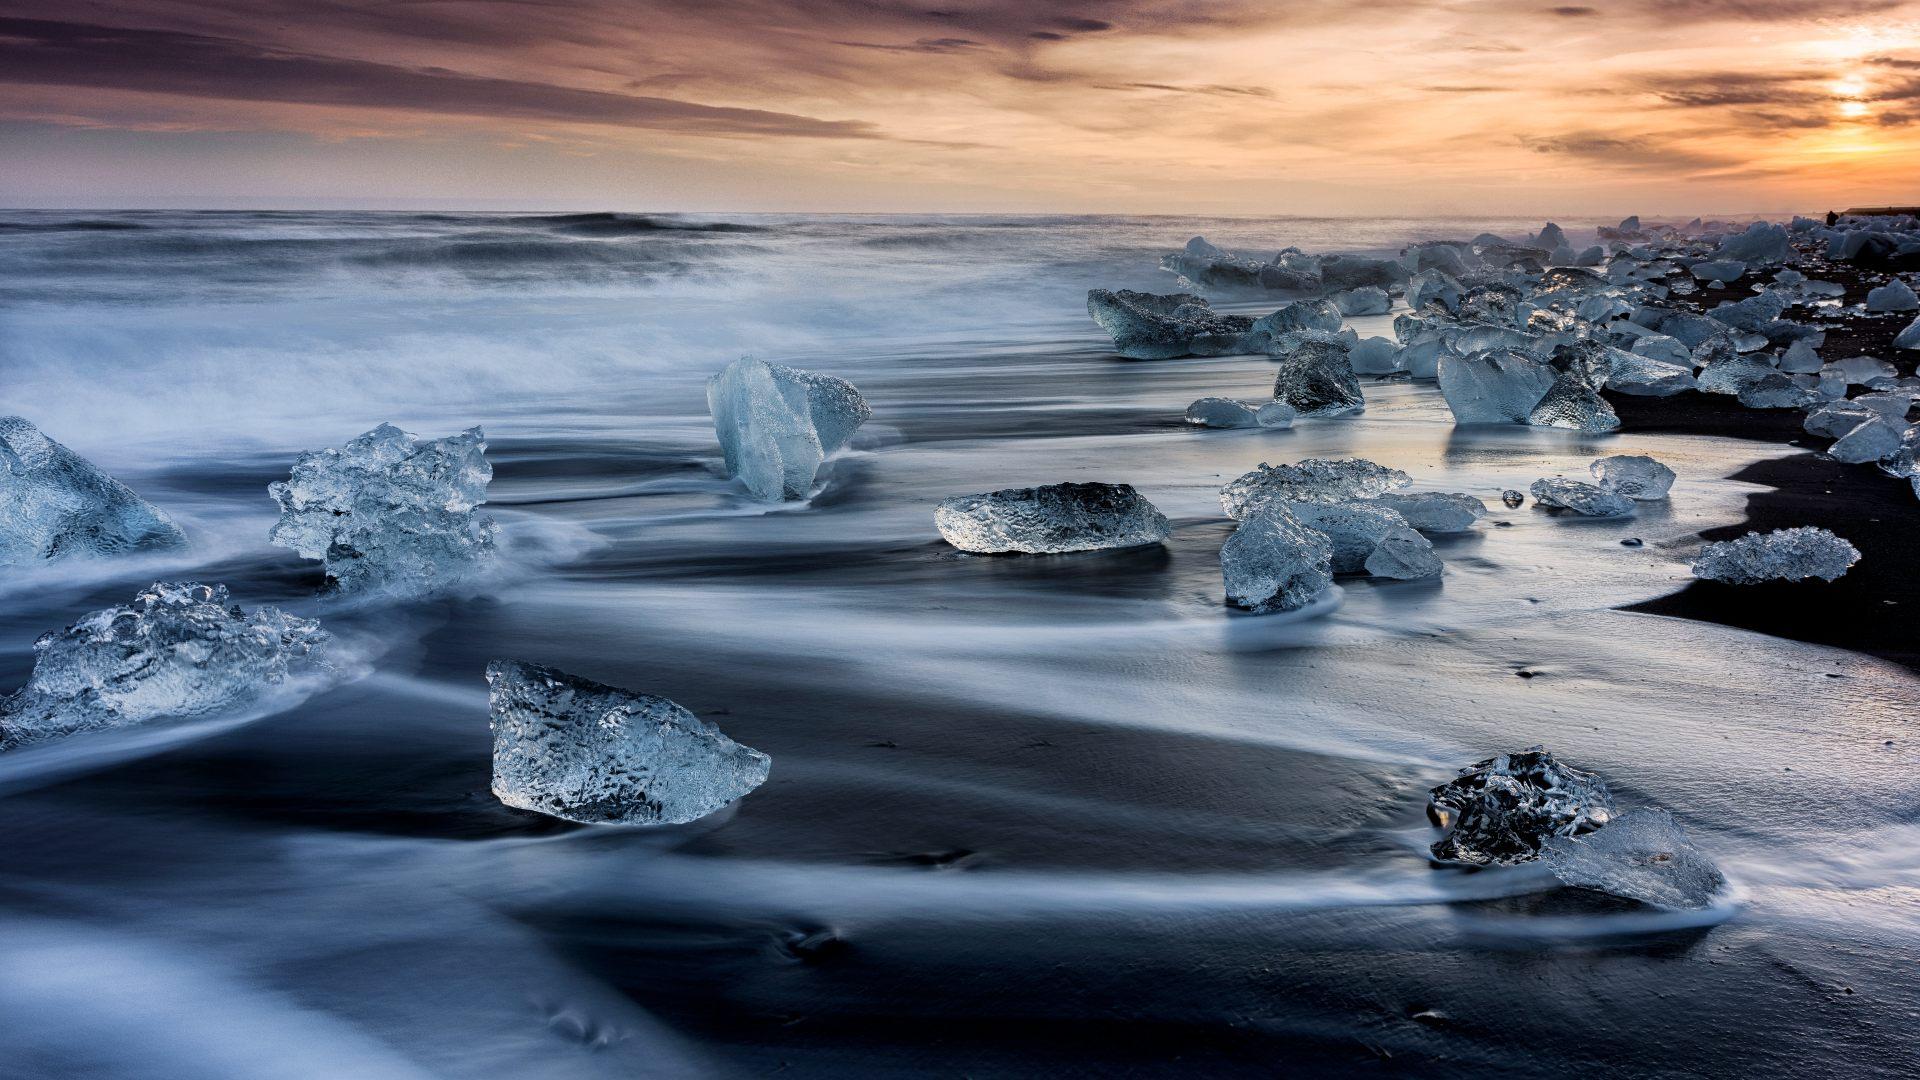 The Breiðamerkursandur diamond beach at sunset